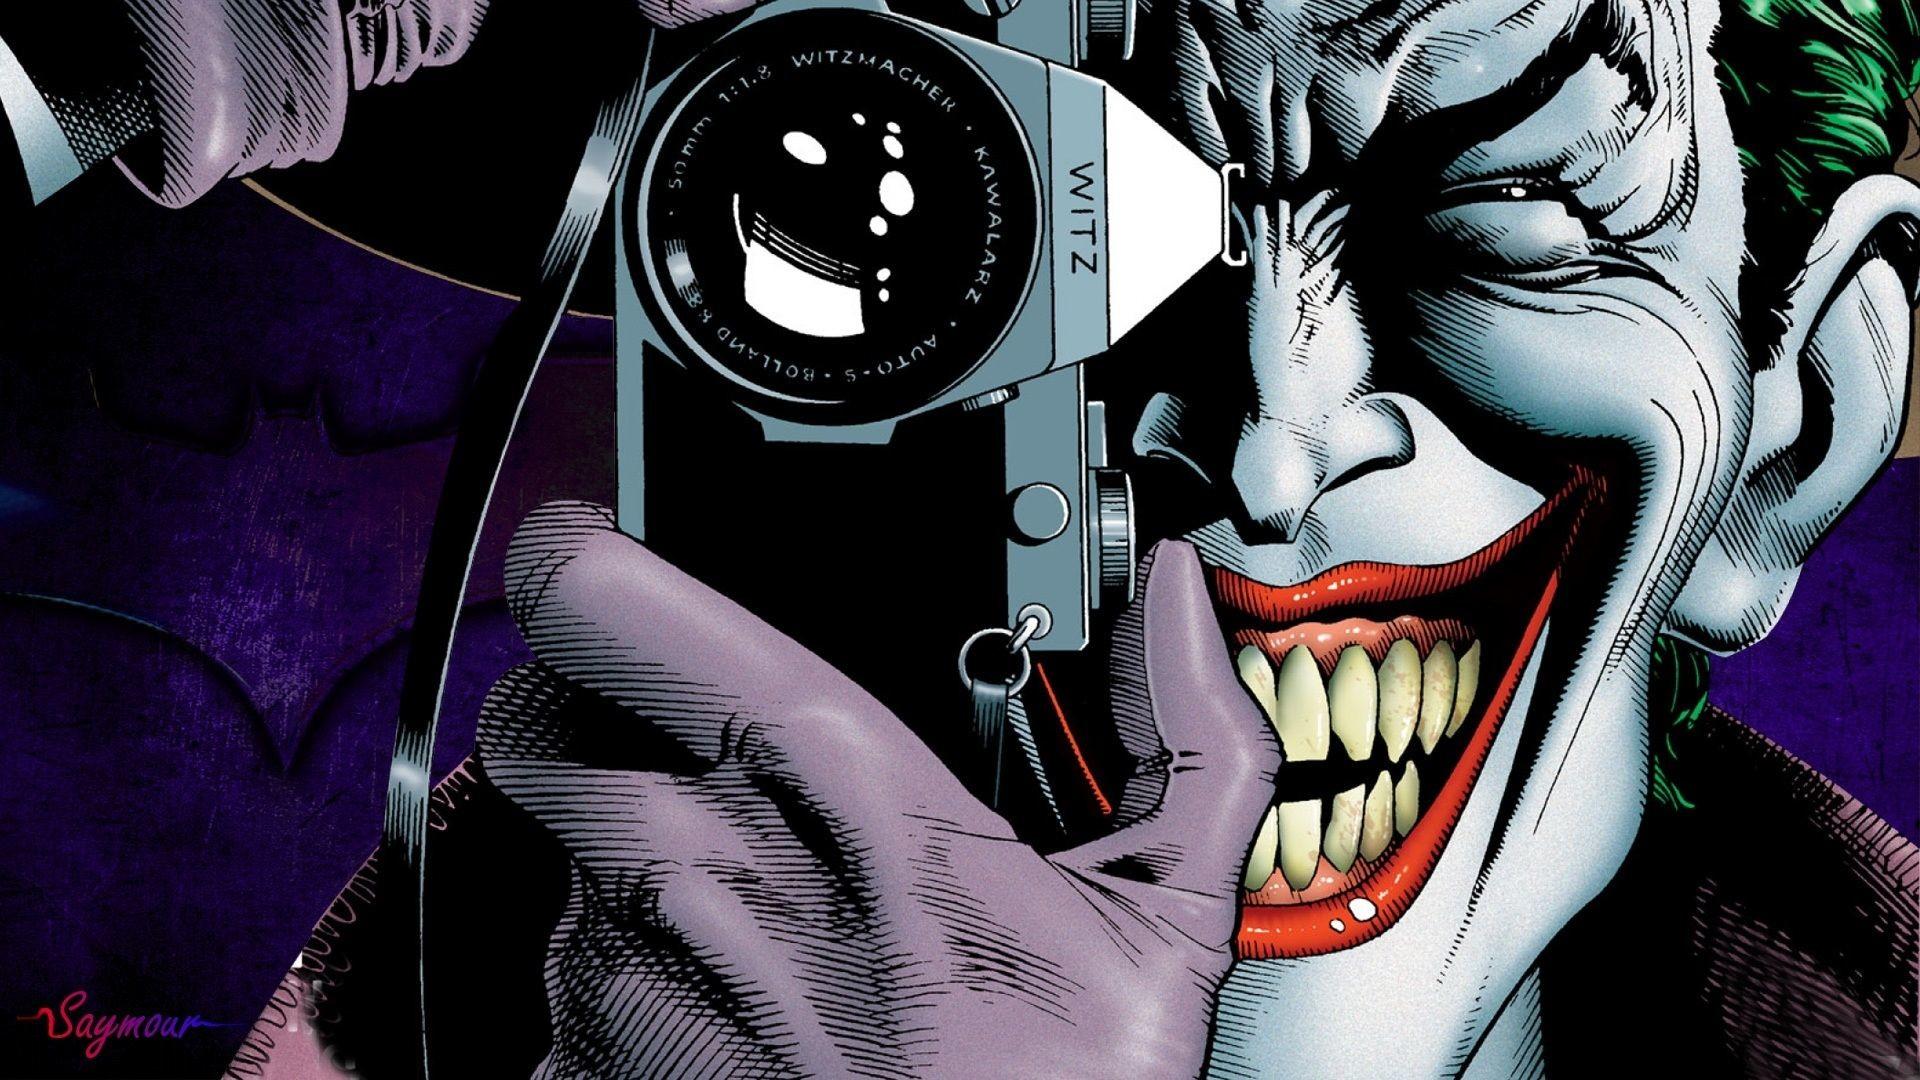 Joker Wallpaper #9083 Widescreen Background – Wallsteyn.com